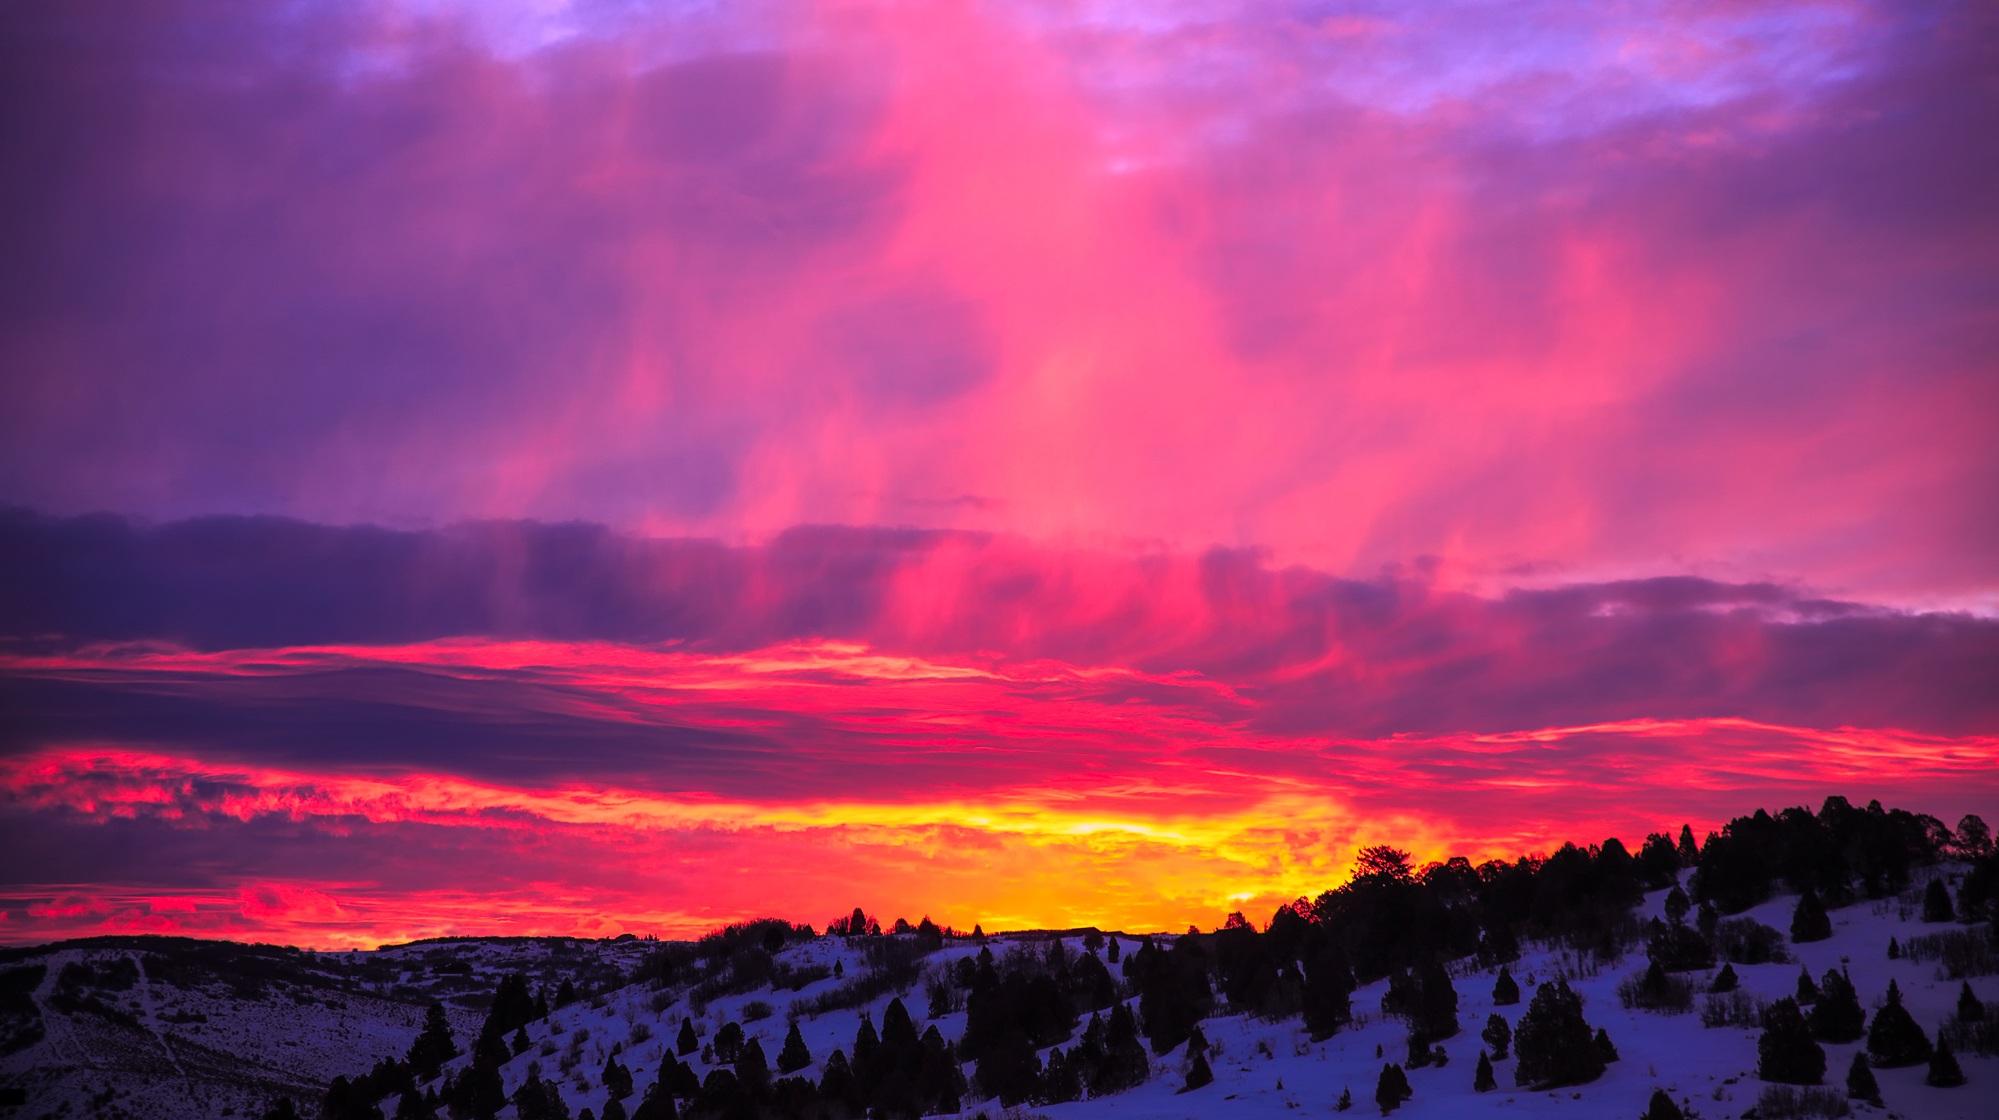 Free Images Utah Sunset Dusk Sunrise Beautiful